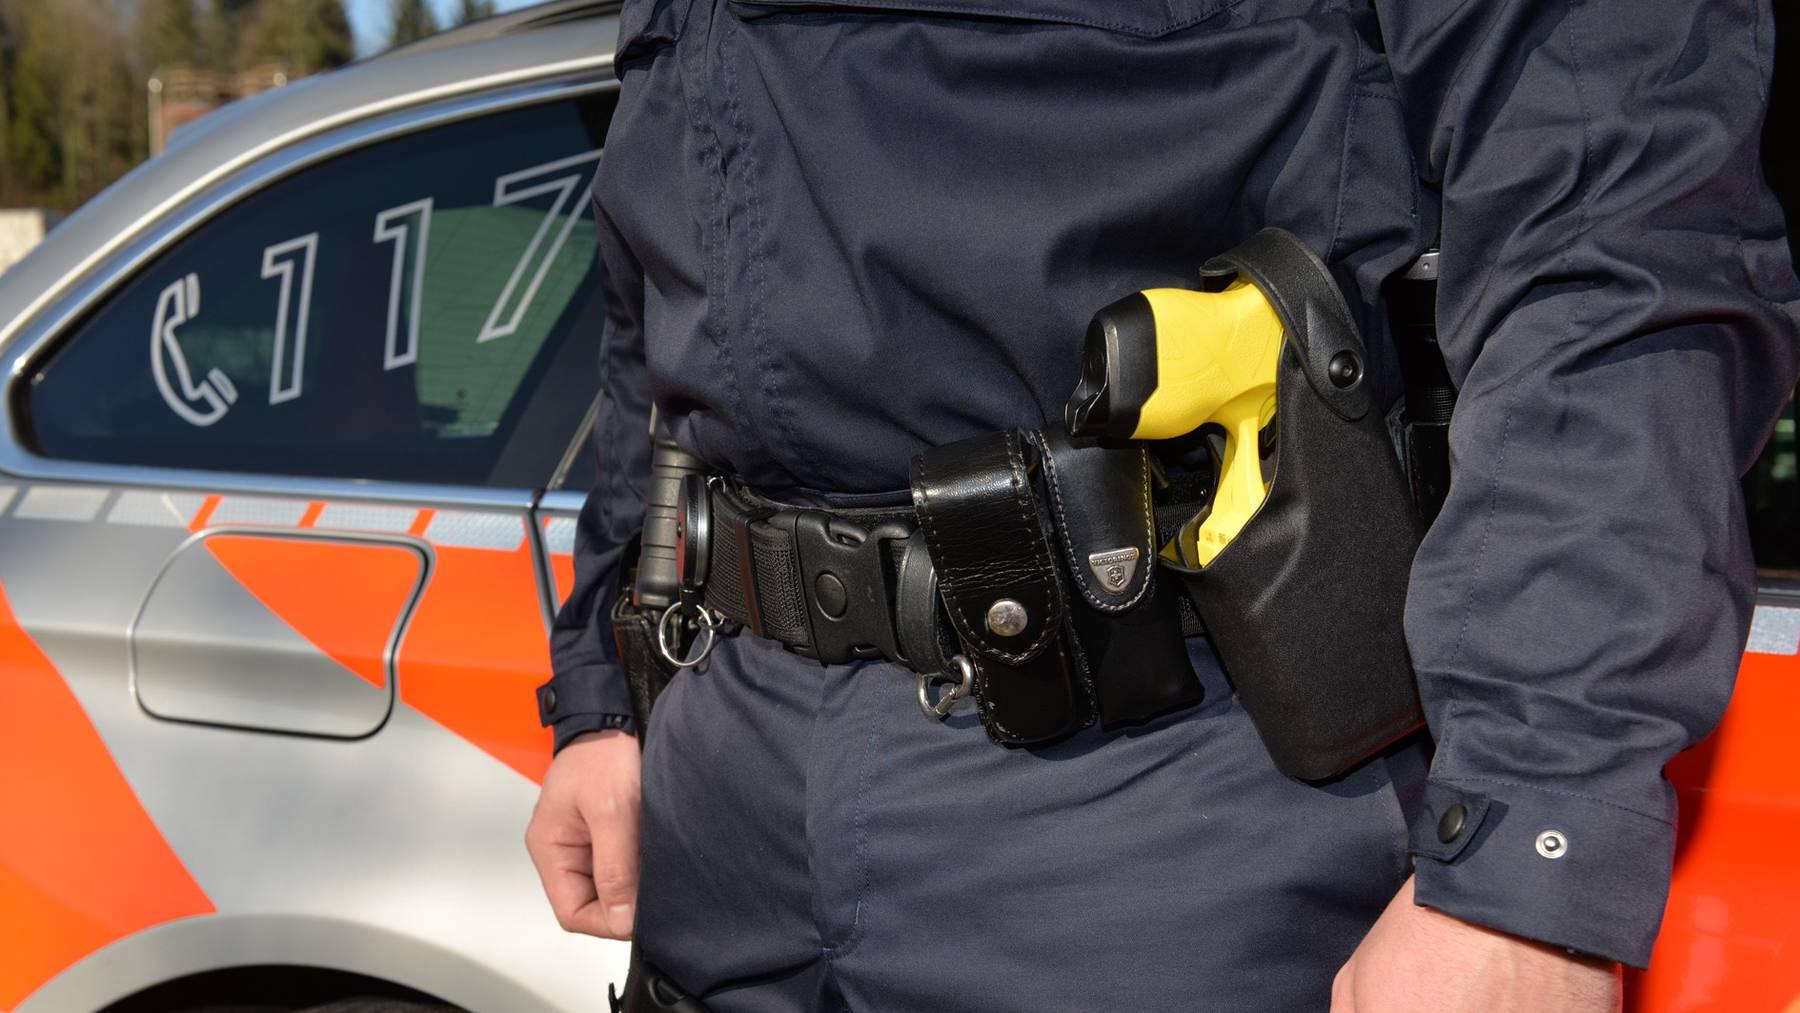 Dank Taser mehr Sicherheit bei Einsätzen mit Gewalt.